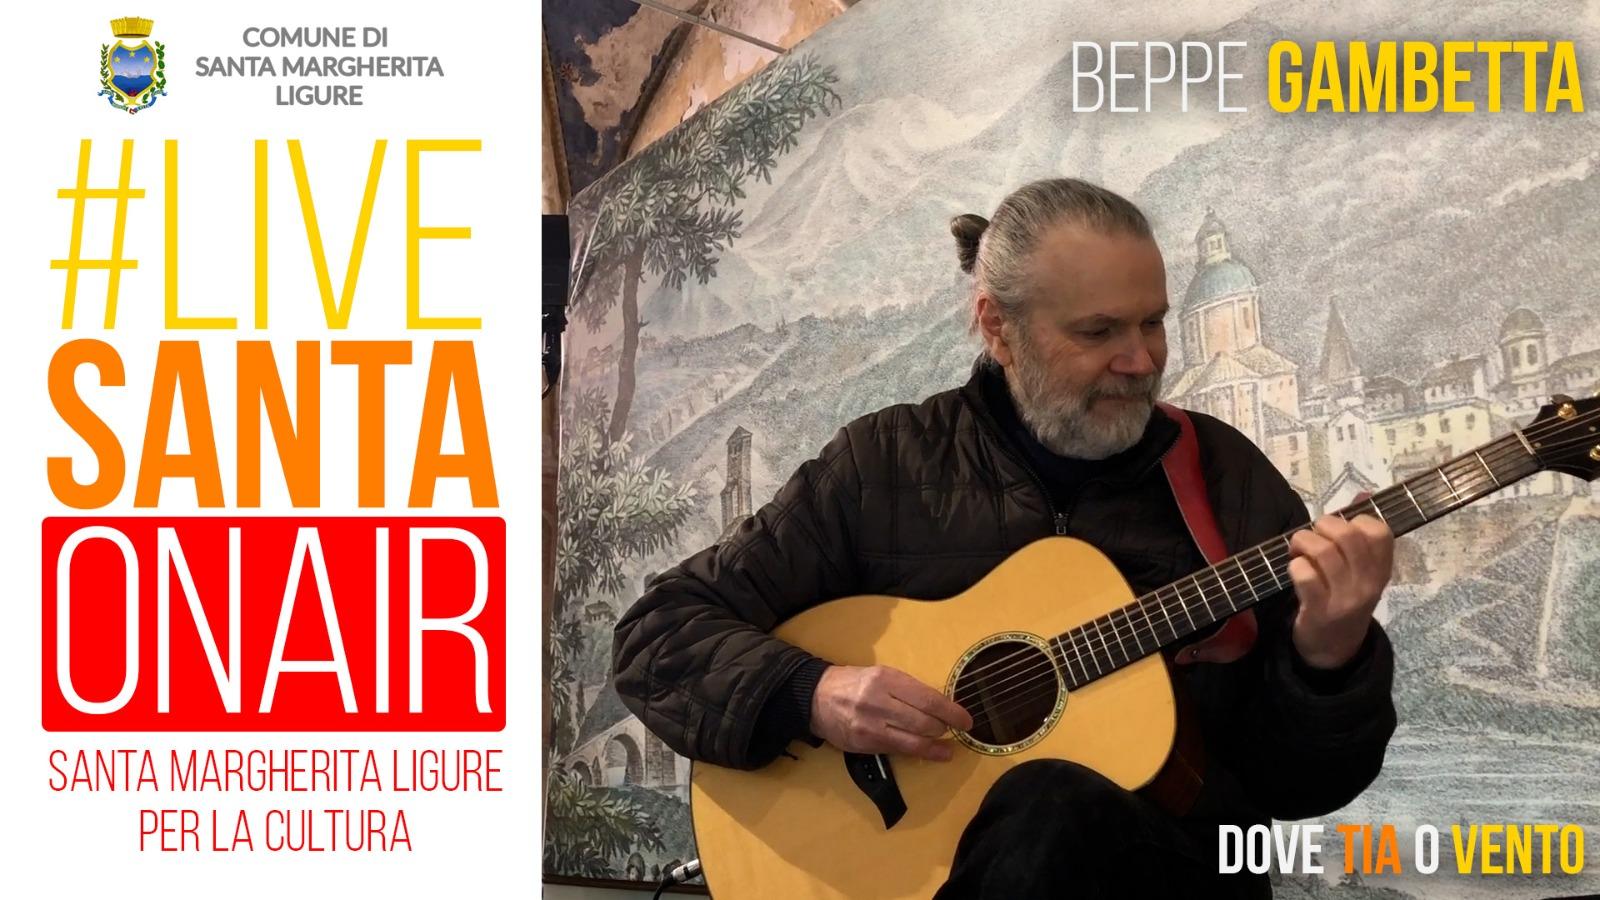 'Santa': lunedì Beppe Gambetta per il debutto di #livesanta on air